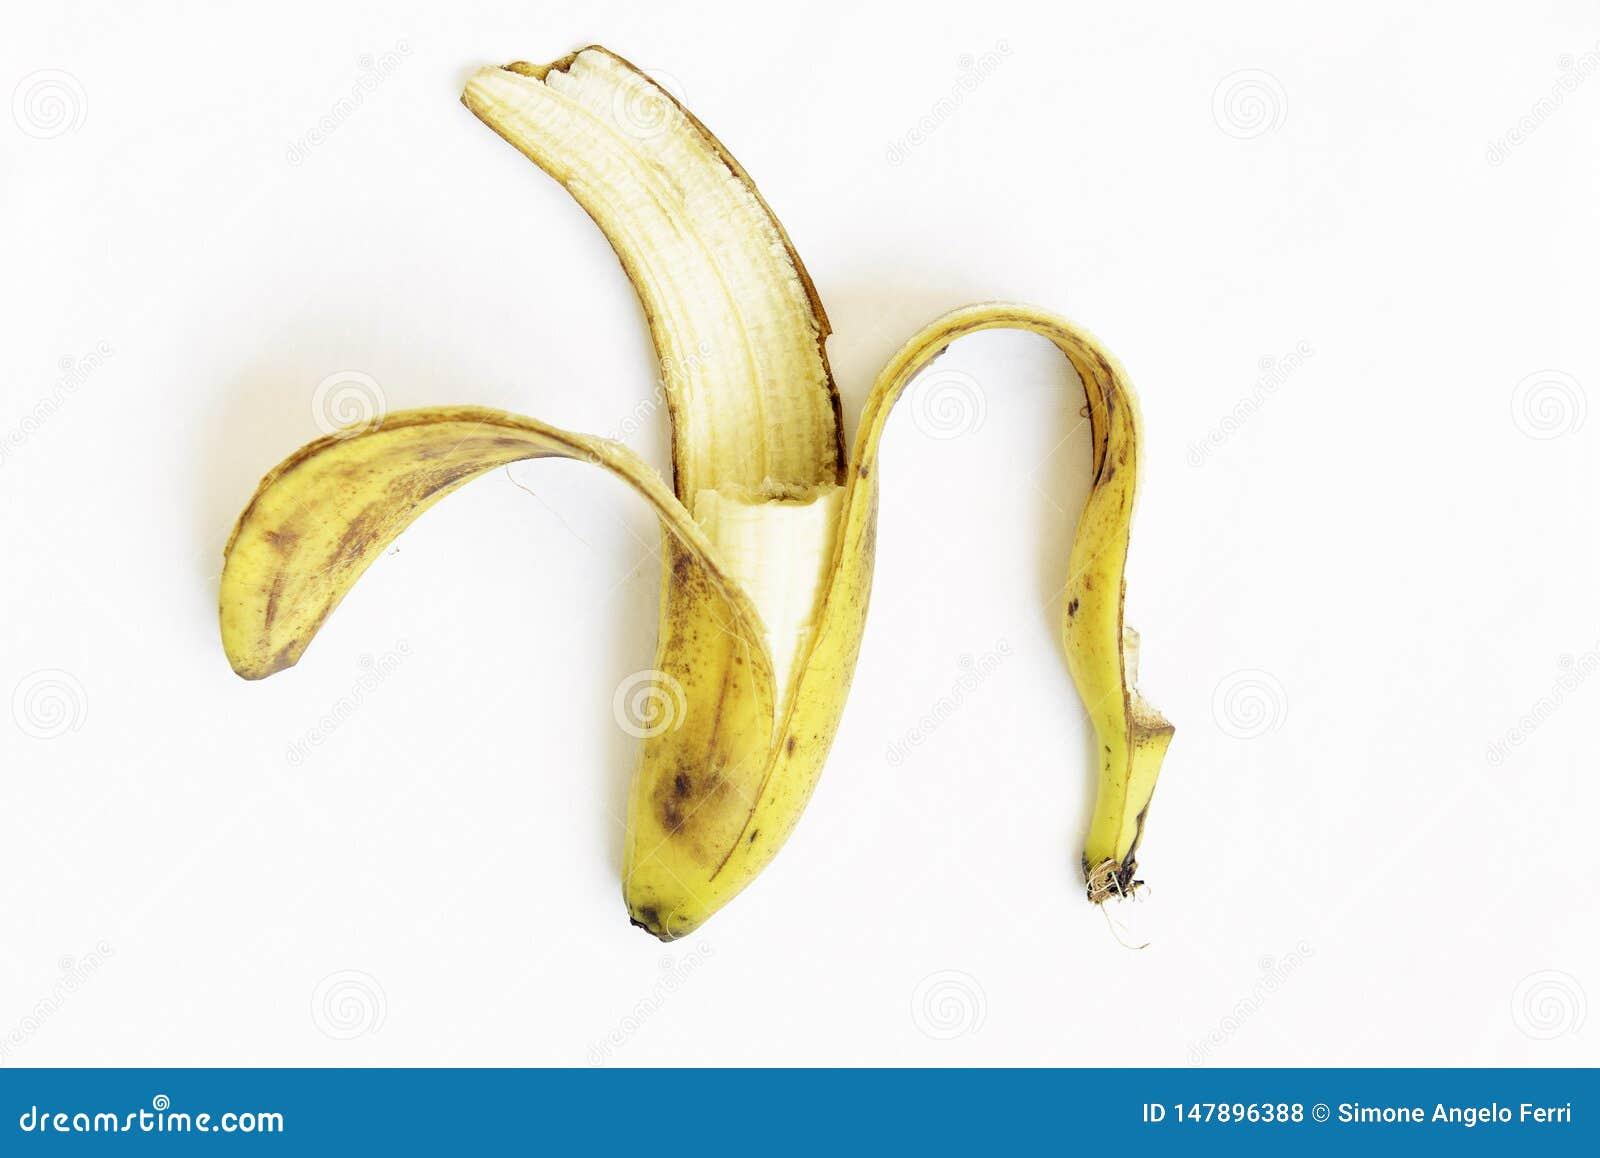 Peau mûre jaune et noire de déchets de banane